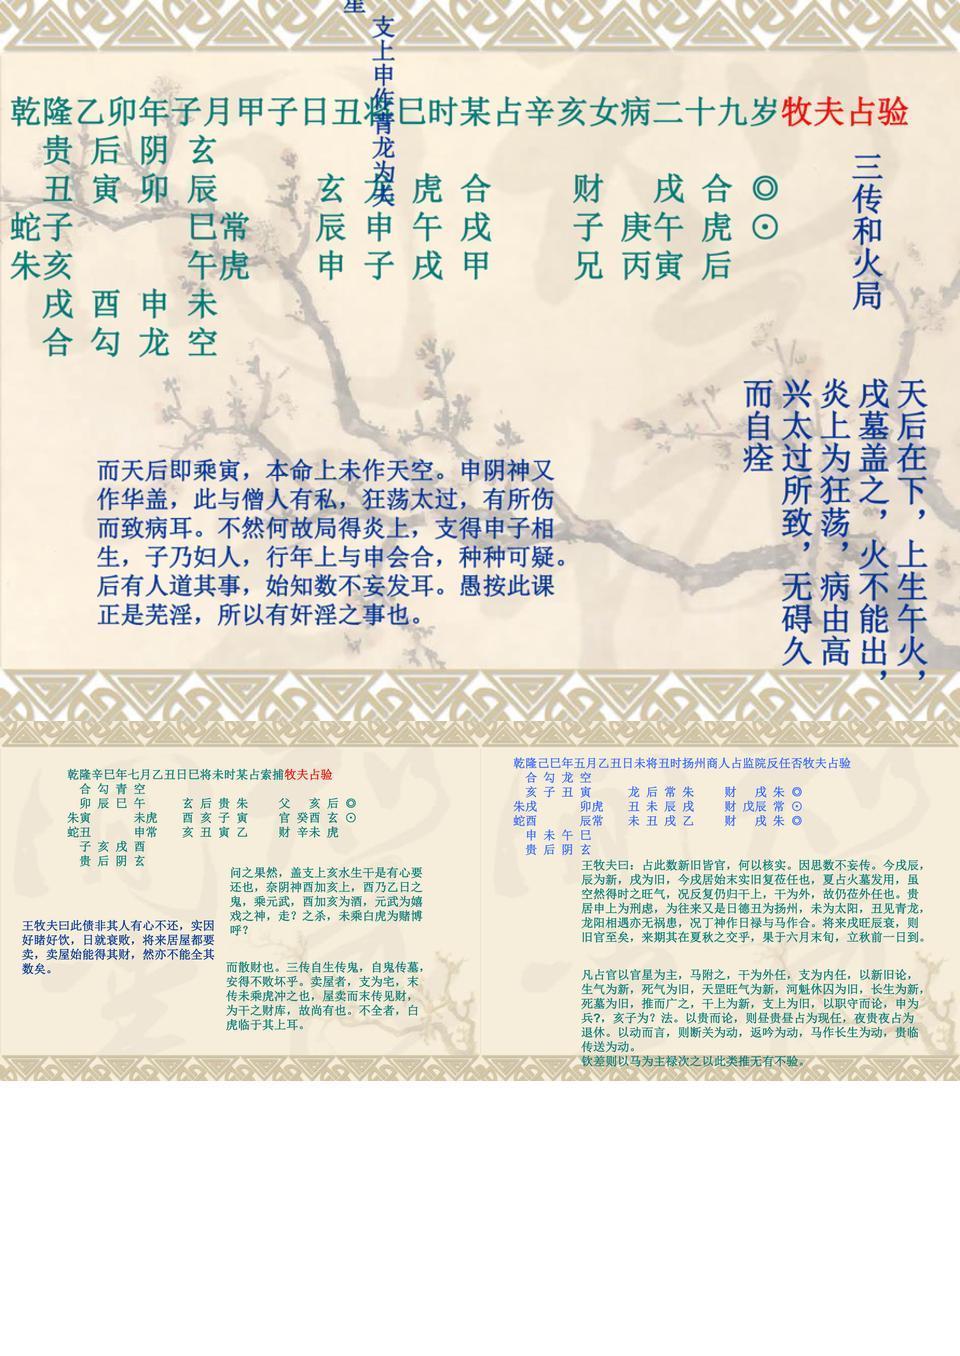 王牧夫六壬案例.ppt